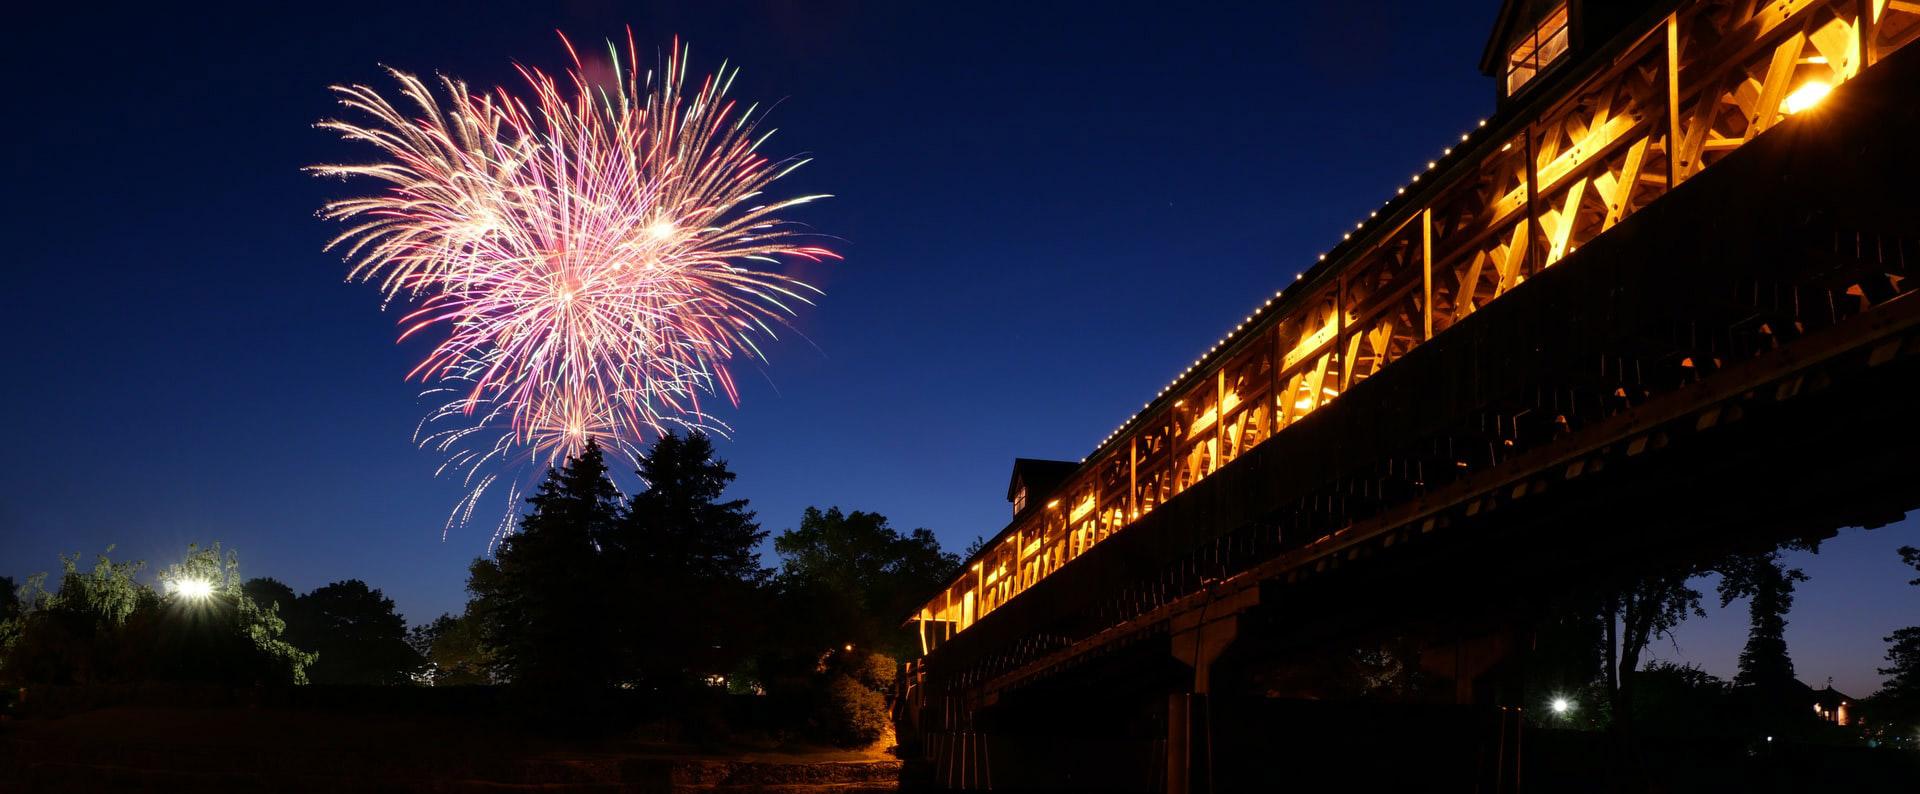 bridge-over-fireworks.jpg